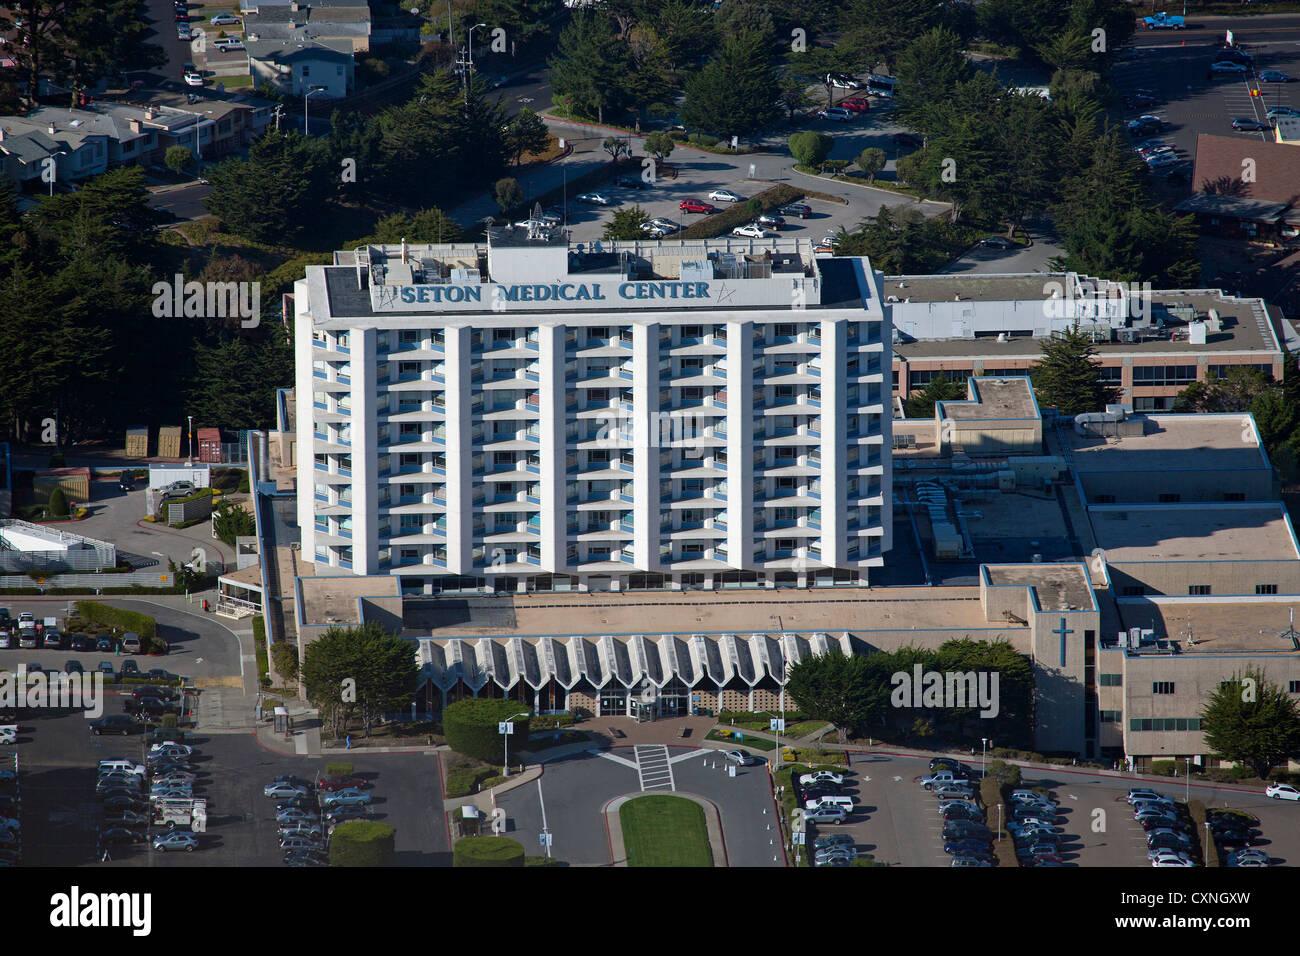 Photographie aérienne Seton Medical Center, Daly City, comté de San Mateo, Californie Photo Stock